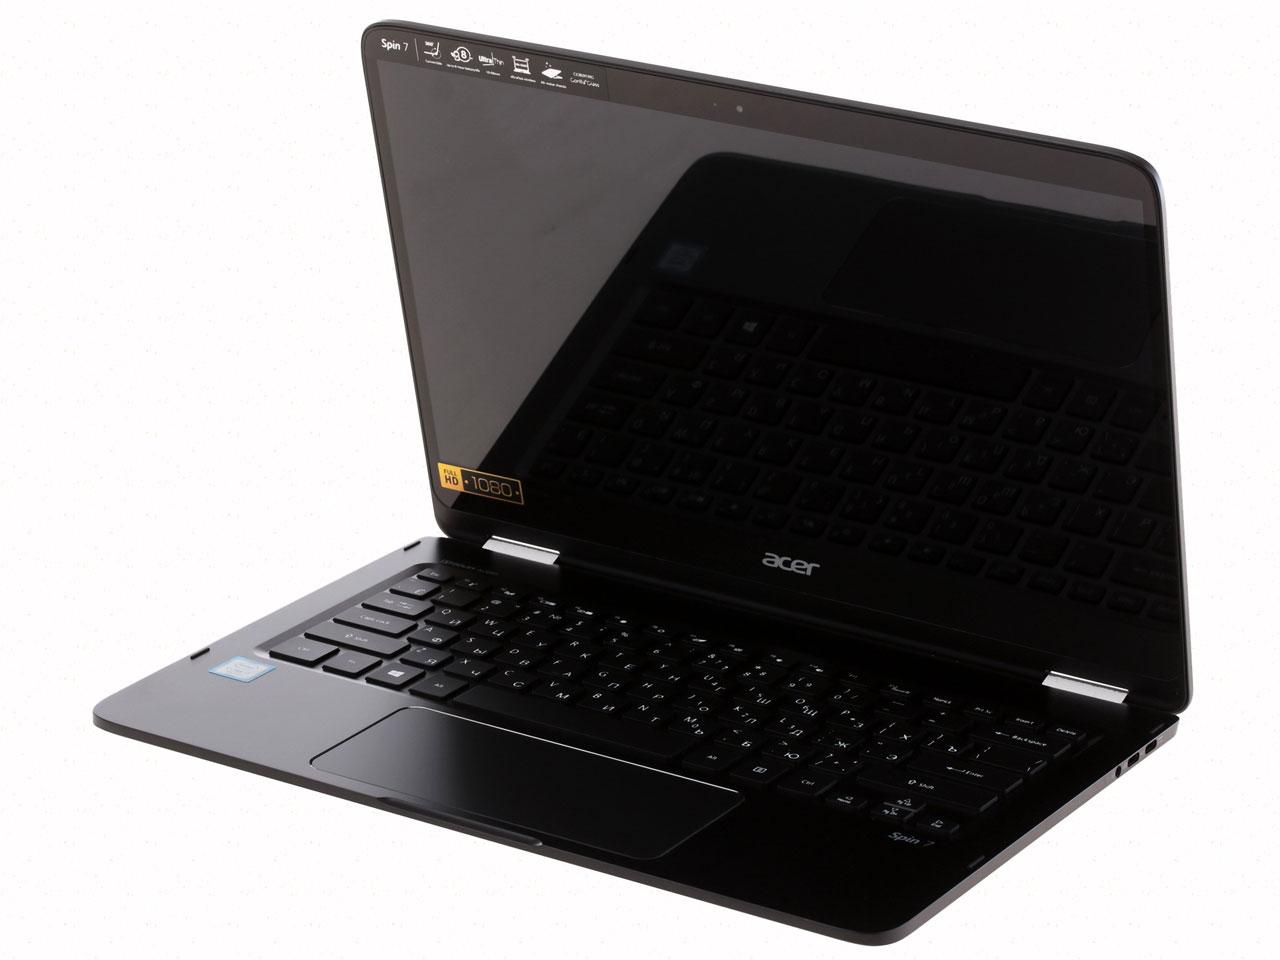 ноутбук в выключенном состоянии